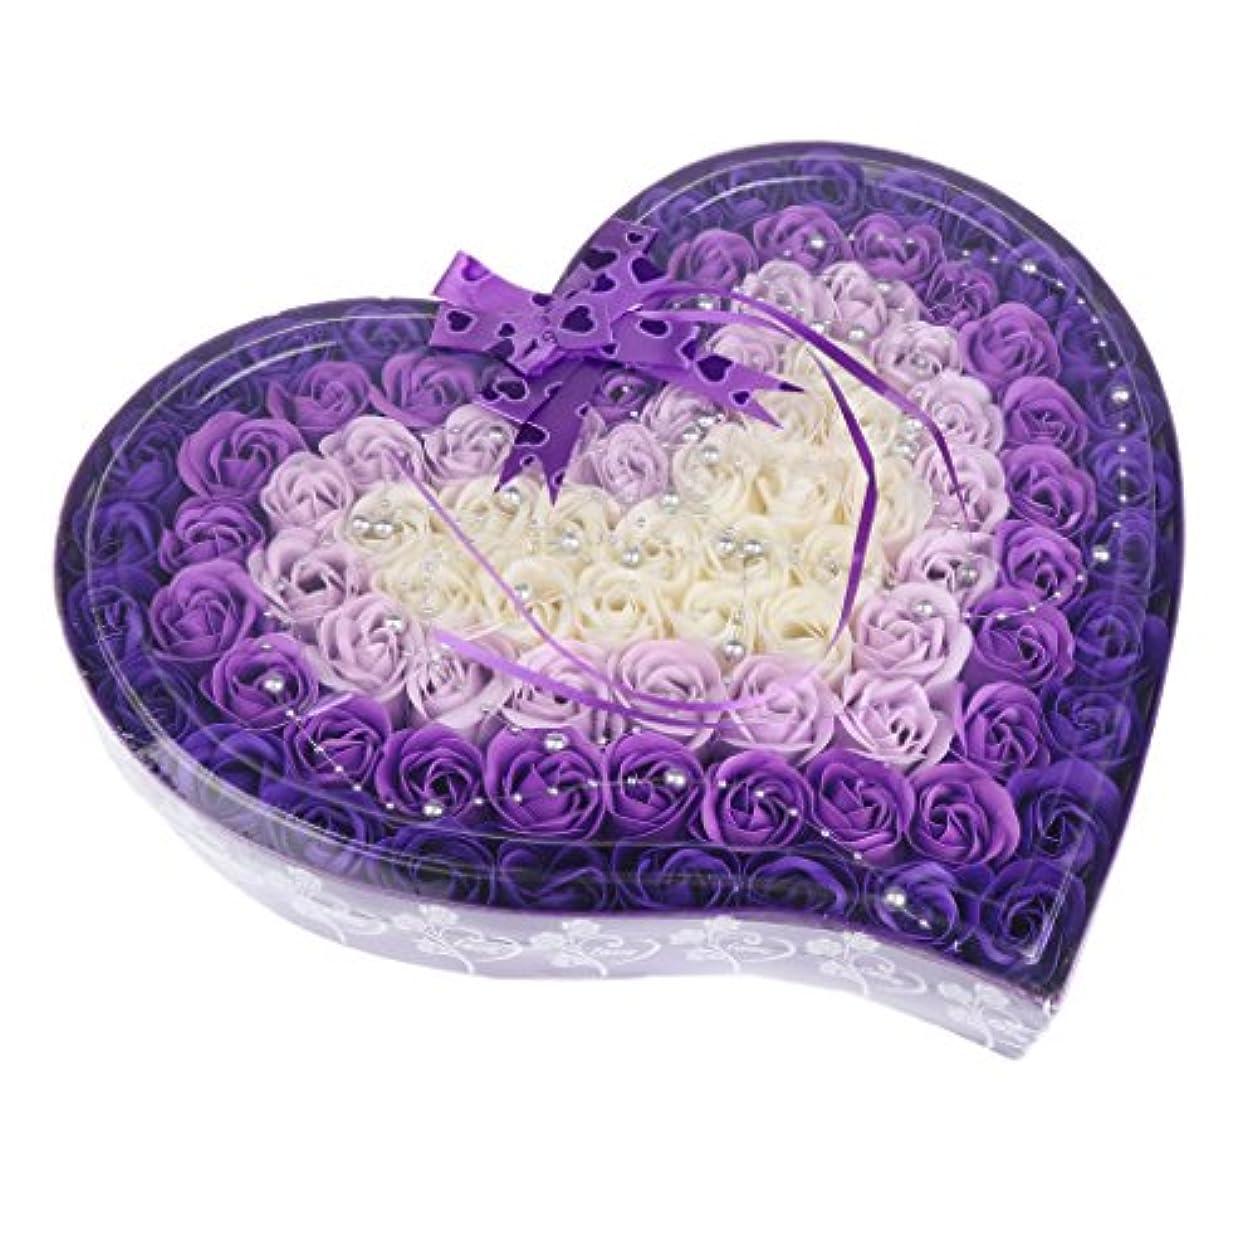 簿記係技術的な対話Fenteer ソープフラワー  約100個 心の形 ギフトボックス 石鹸の花 誕生日  プレゼント 全4色選べる - 紫